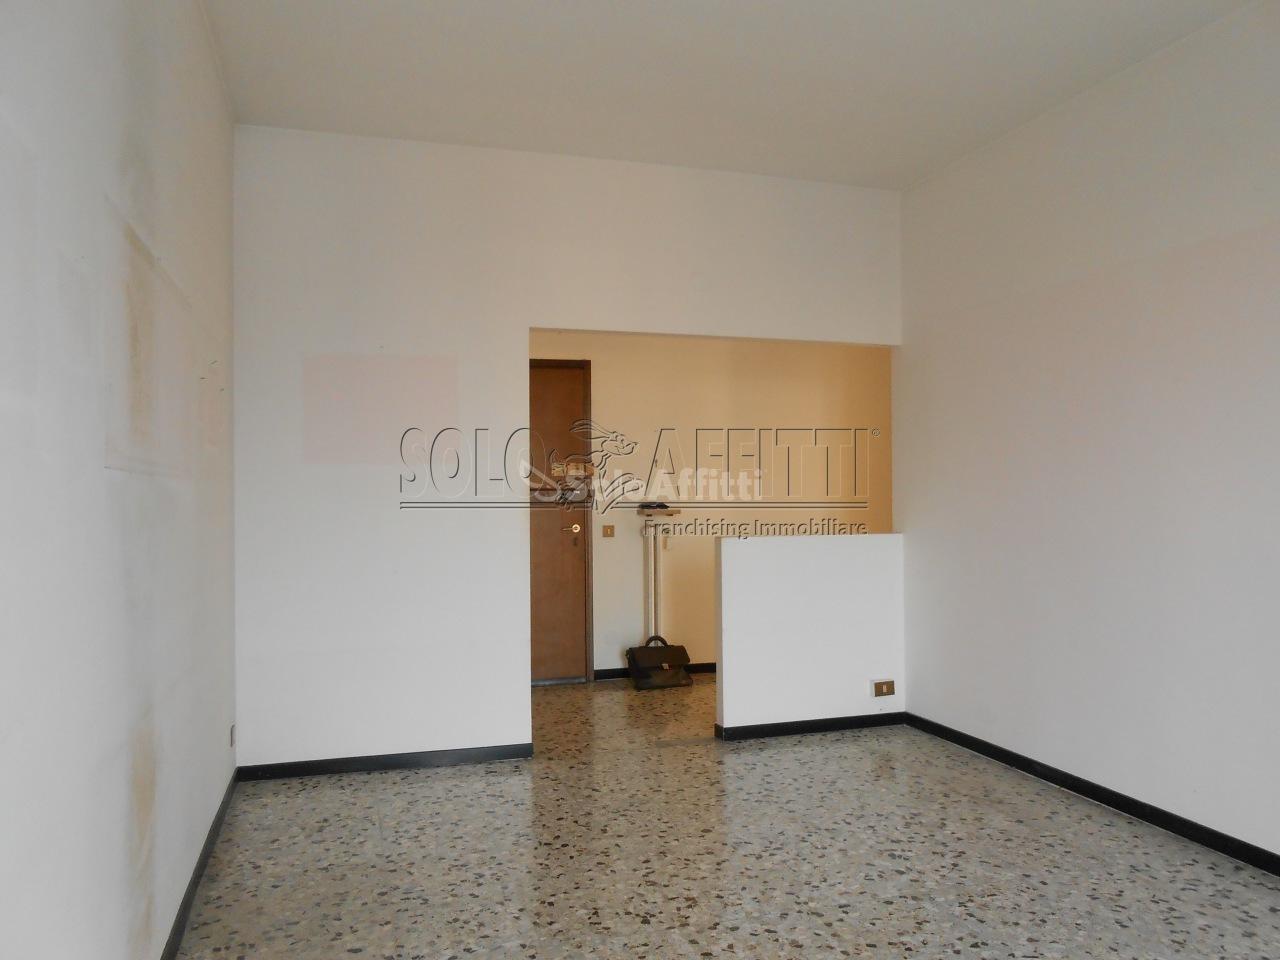 Ufficio Casa Pavia : Immobili in affitto pavia case uffici e negozi in affitto